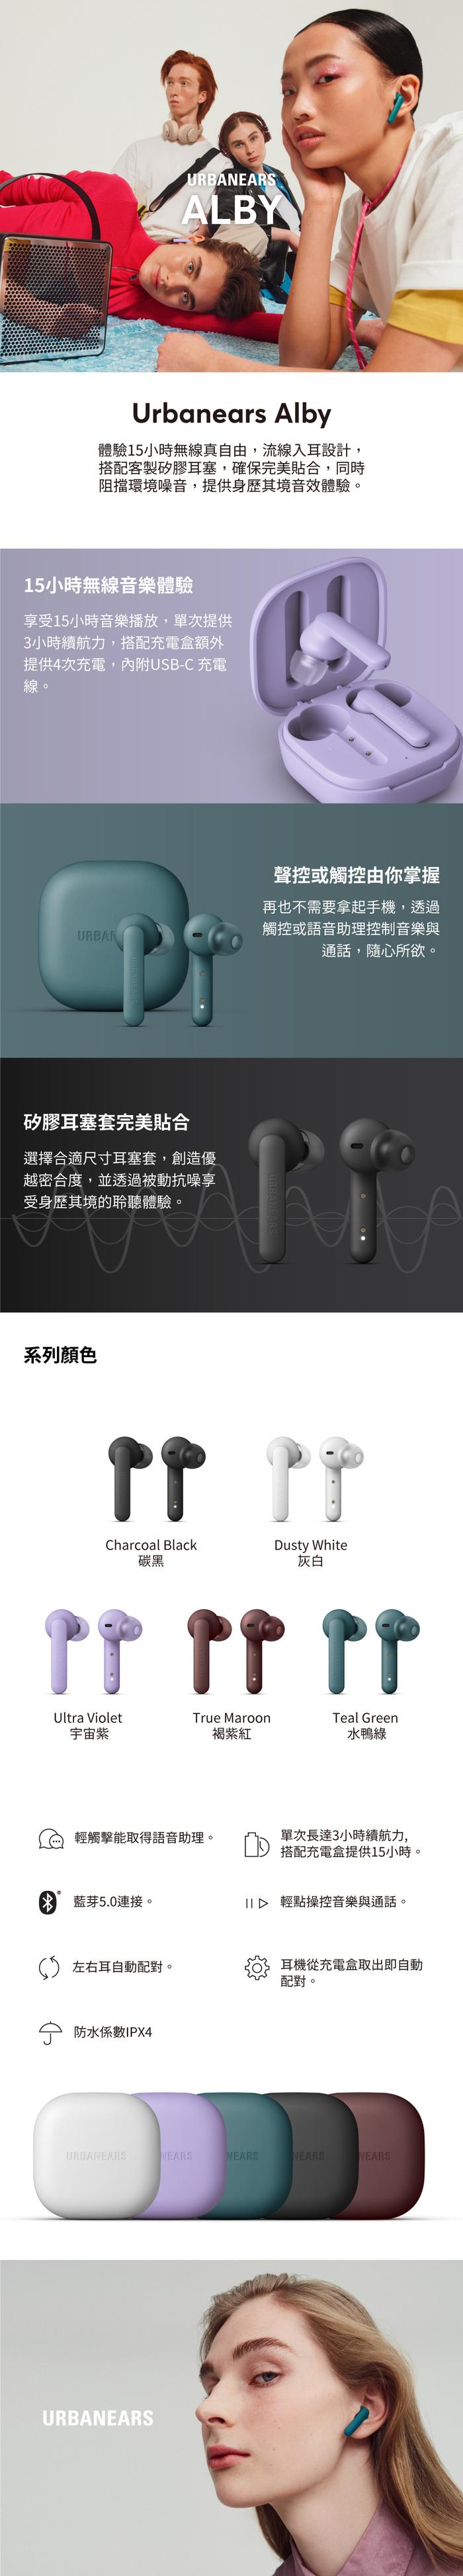 (複製)URBANEARS|Luma 耳塞式啞光真無線藍牙耳機(褐紫紅)